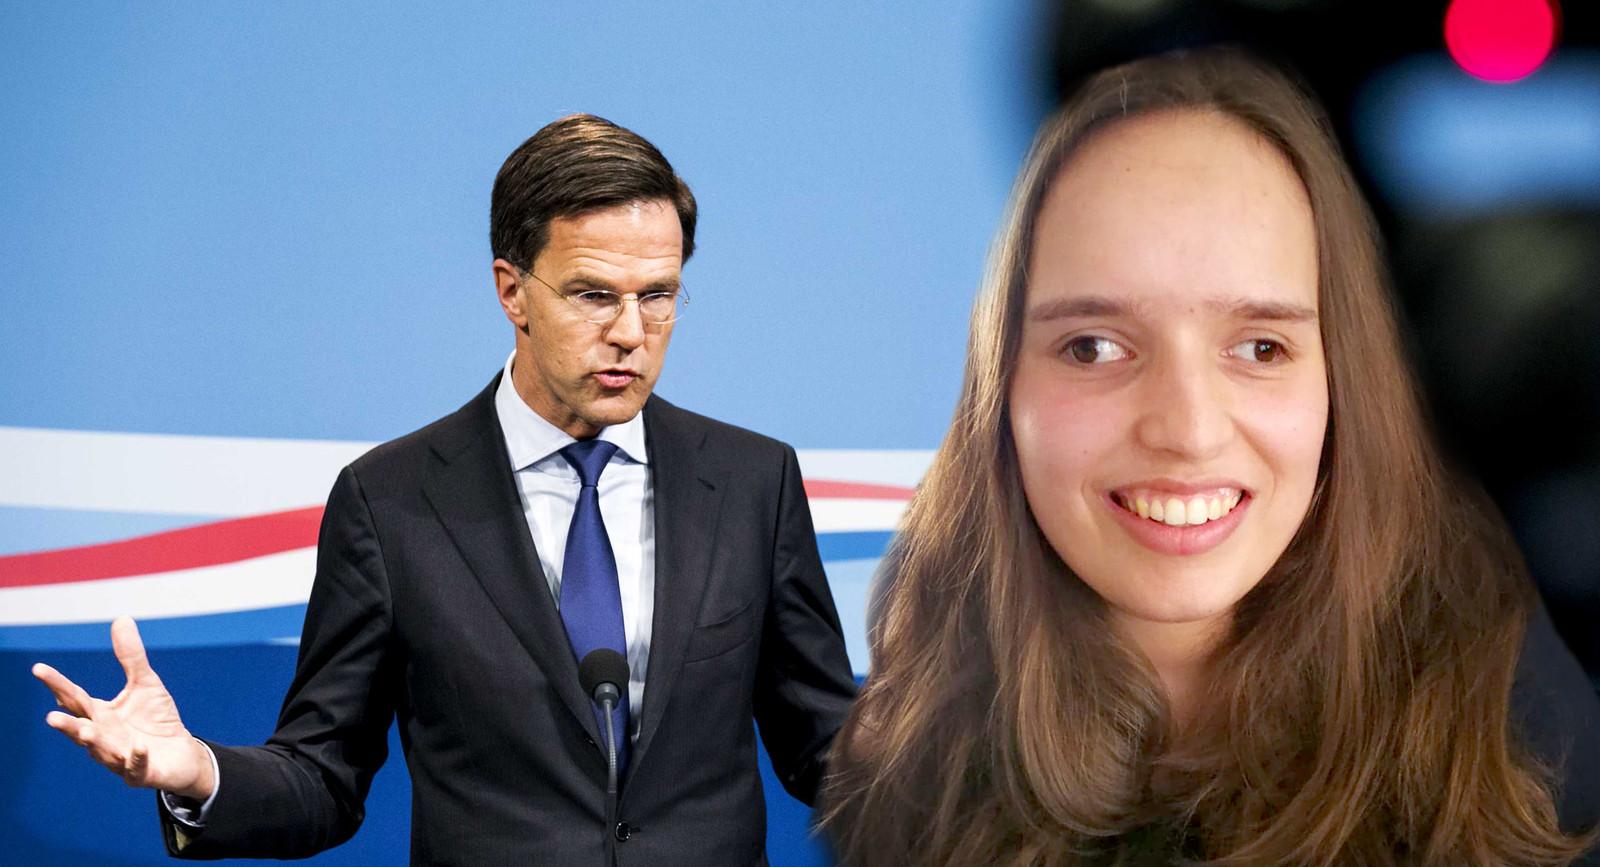 Indrukwekkende brief van Roosendaalse Noortje van Lith aan premier Mark Rutte